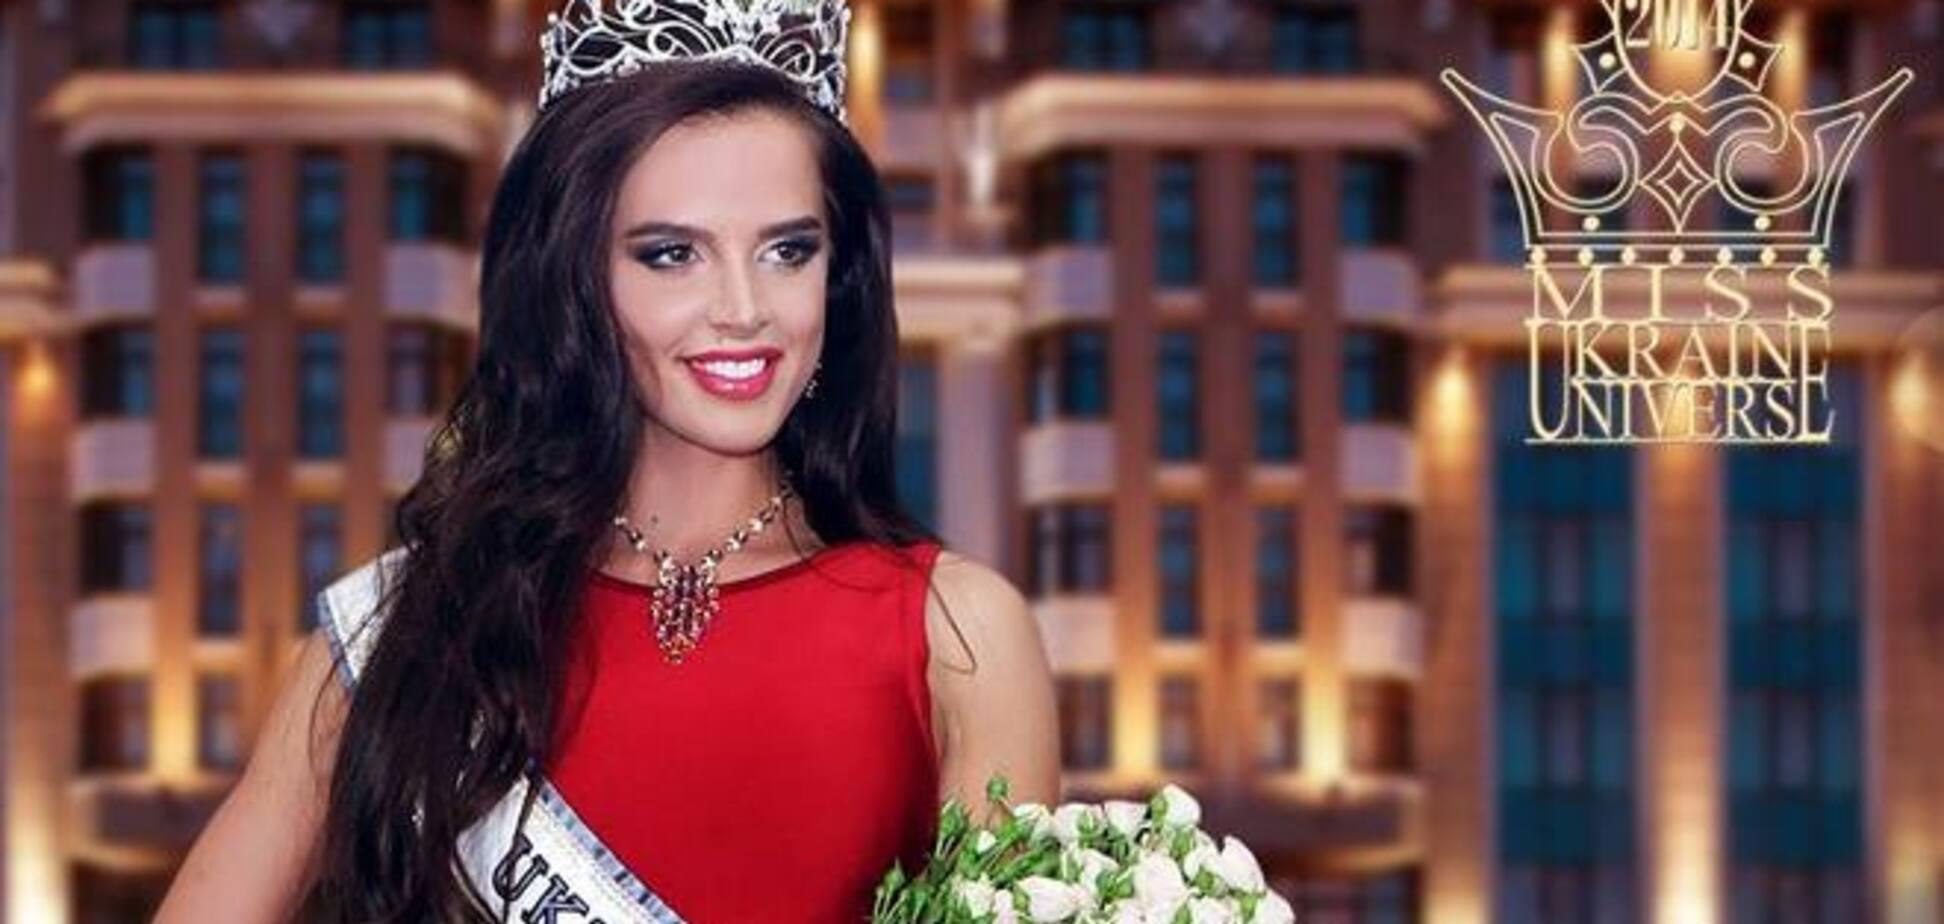 Украинская королева красоты отказалась ехать на конкурс 'Мисс Вселенная'